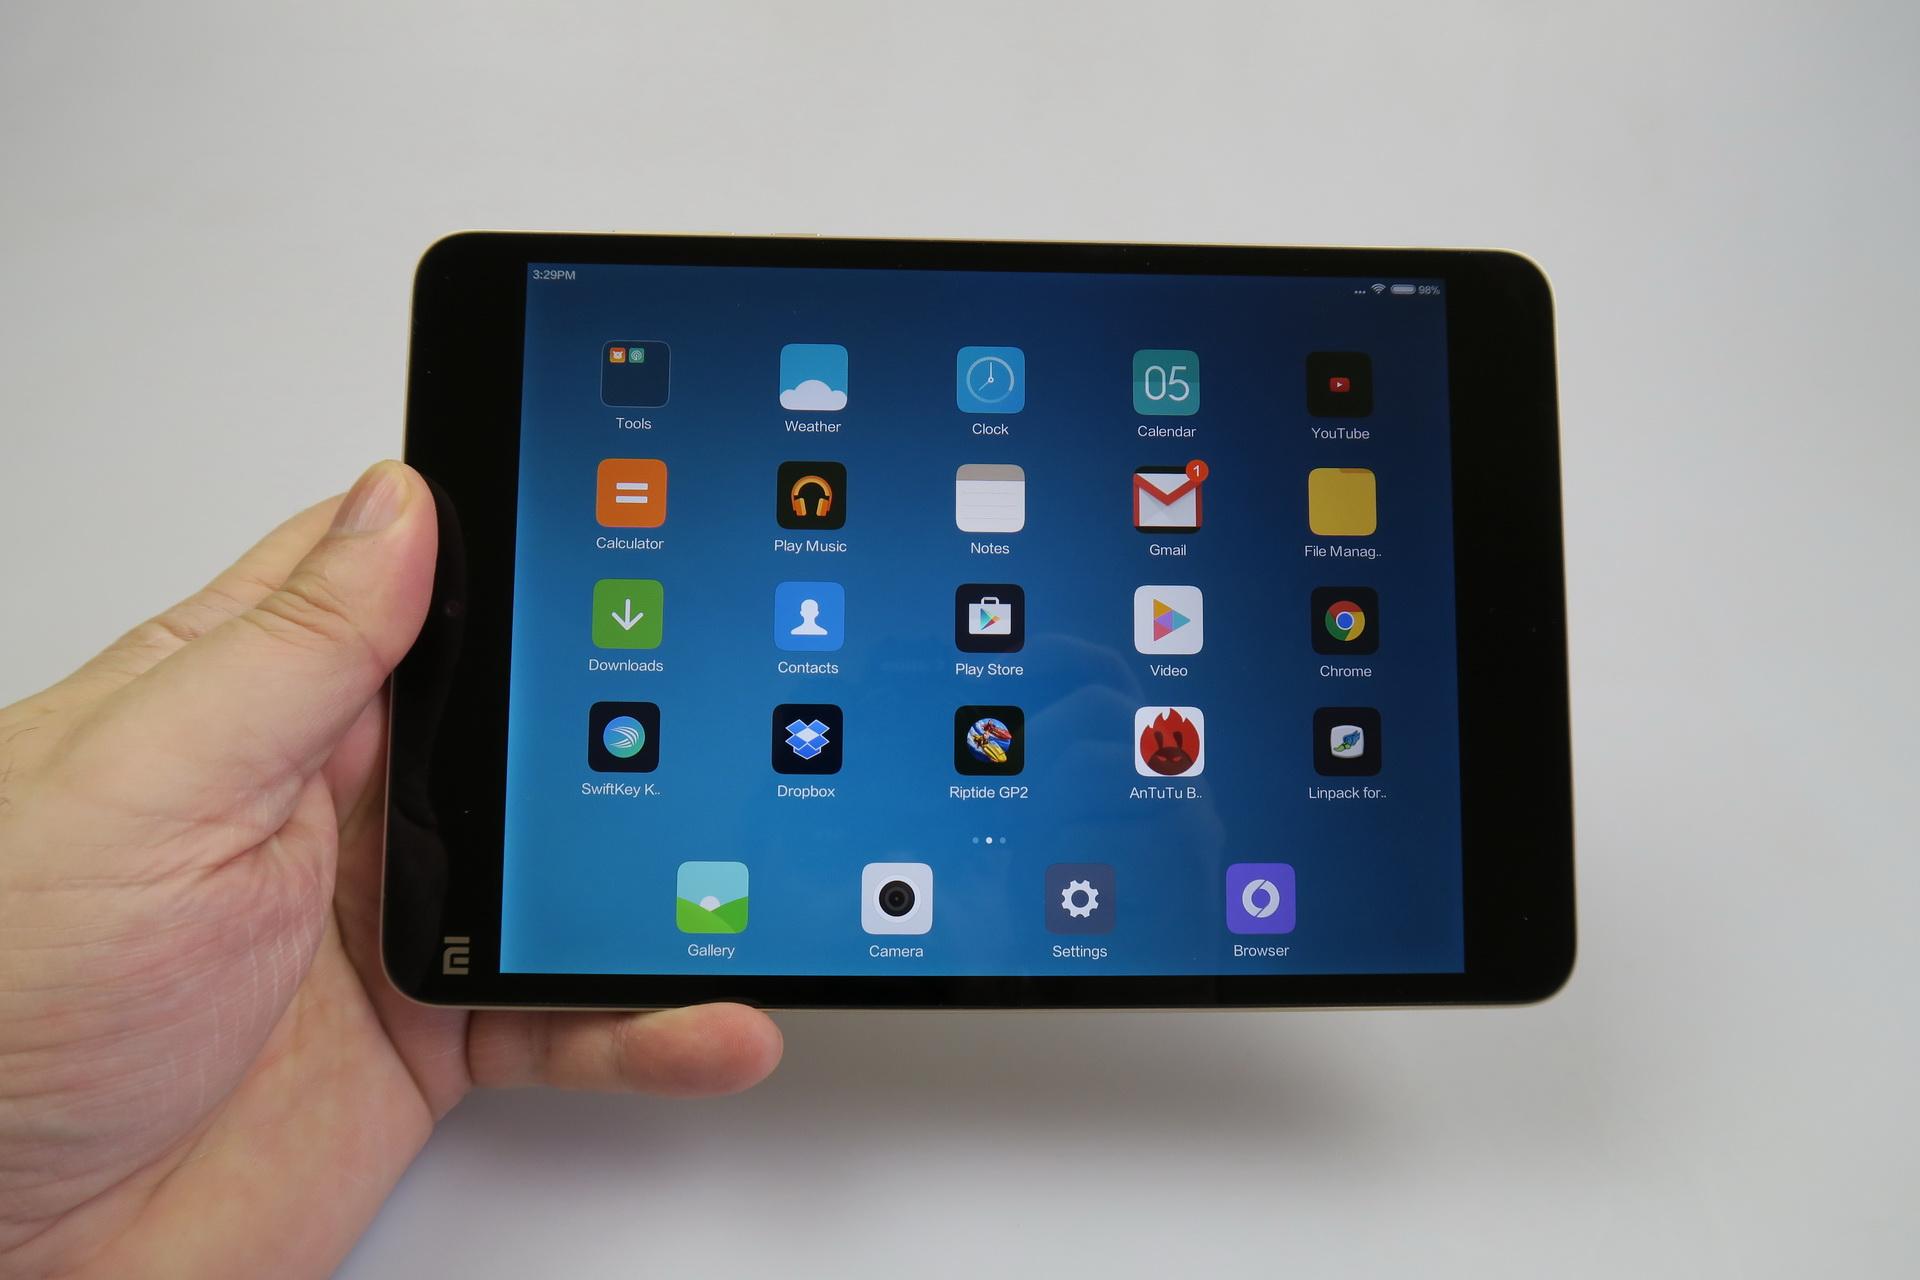 Xiaomi Mi Pad Wallpaper: Xiaomi Mi Pad 2 Review: Not An IPad Mini 4 Slayer, But